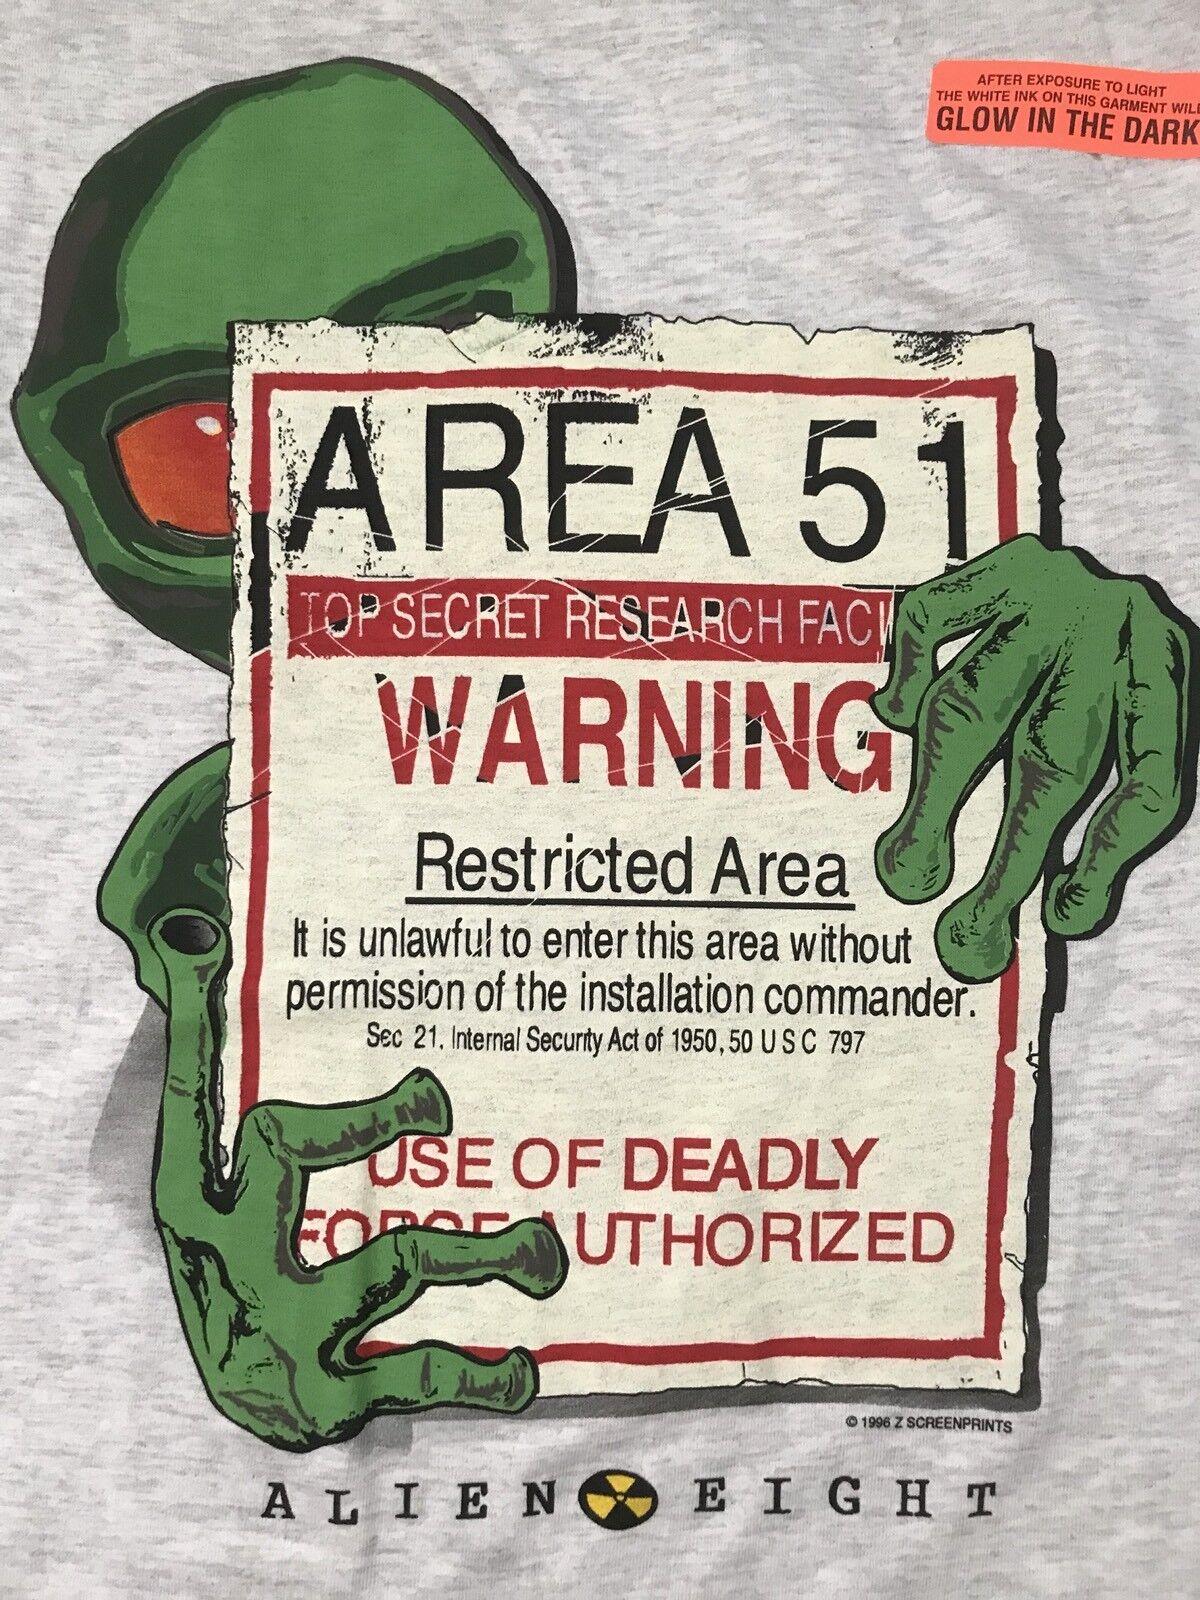 UFO vtg 1996 ALIEN EIGHT AREA 51 Top Secret Warning Deadly GLOW DARK T-SHIRT L